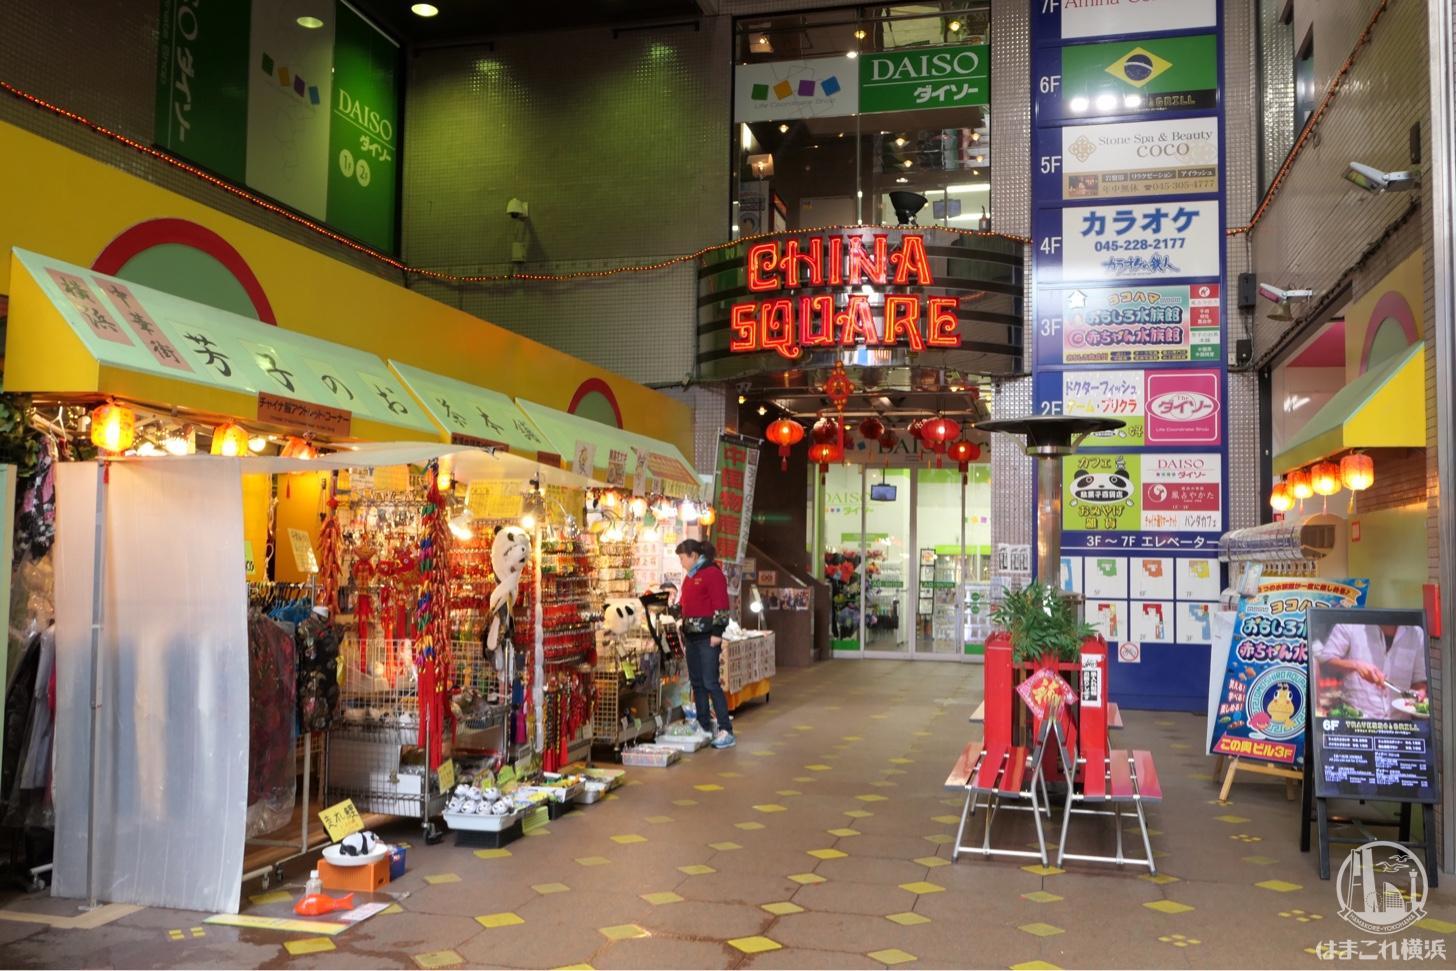 横浜中華街 チャイナスクエア